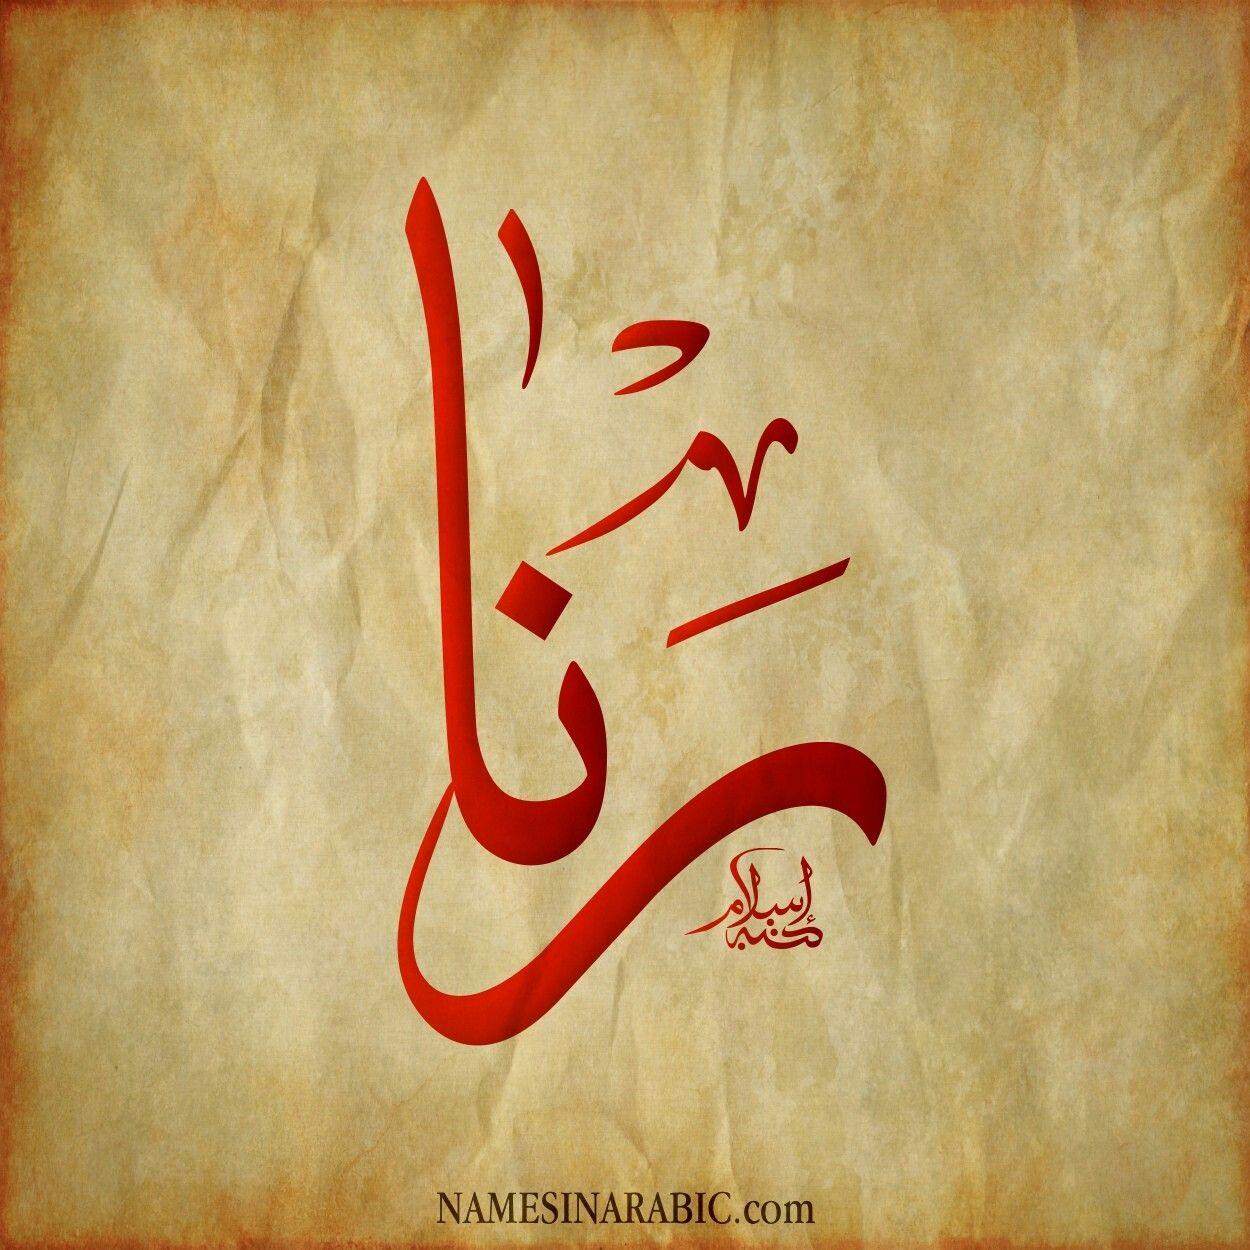 Pin By Rahman عظم ی On اسماء عربية مزخرفة Calligraphy Calligraphy Name Arabic Calligraphy